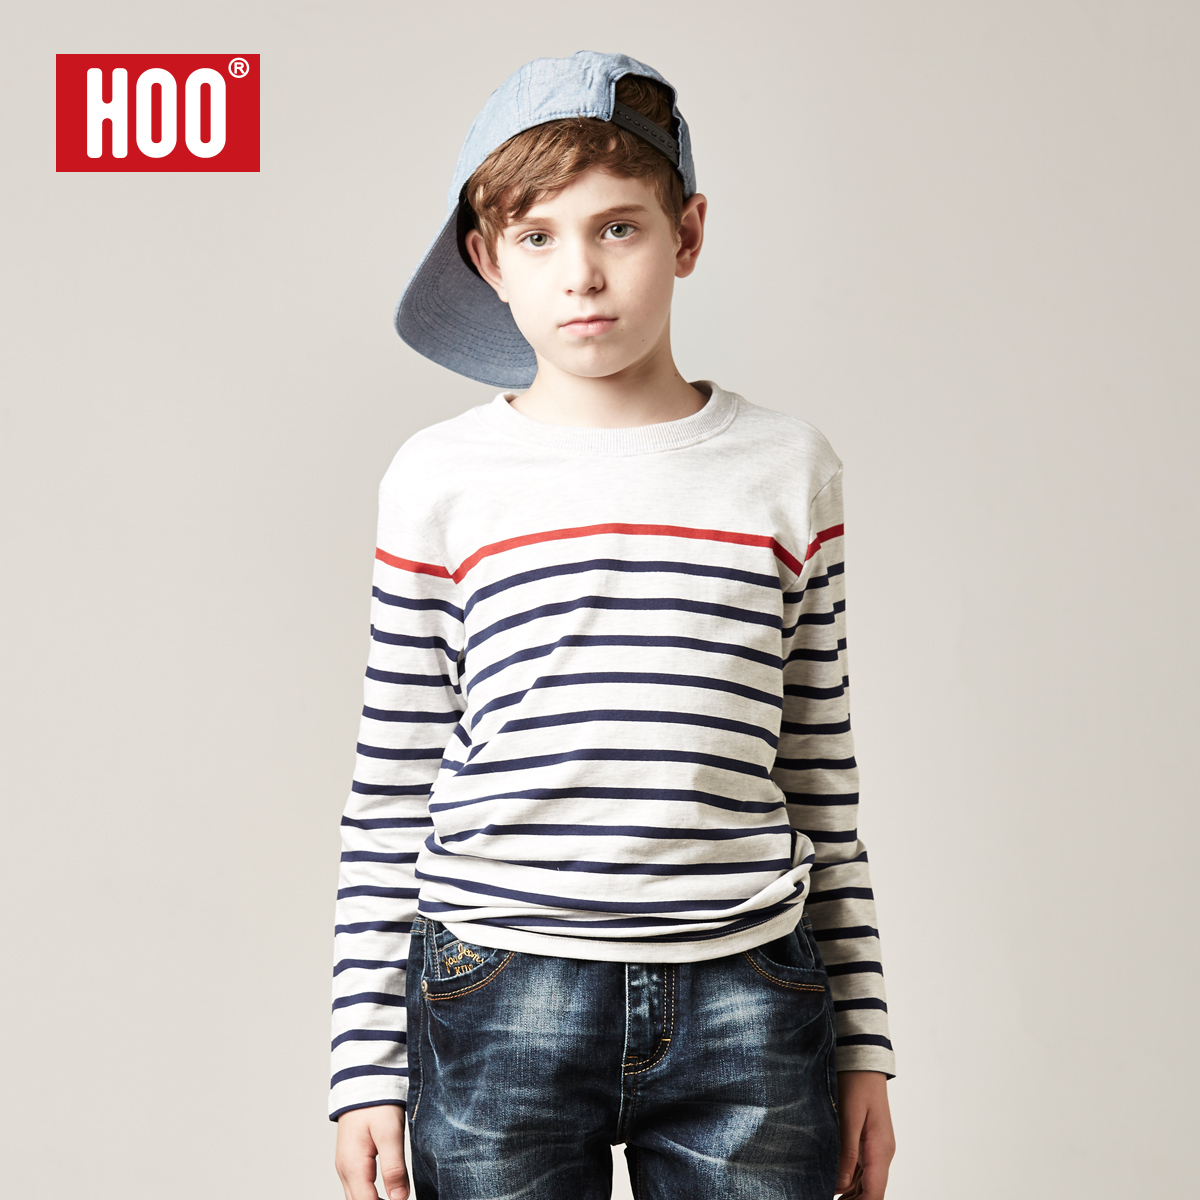 男童打底衫长袖_HOO童装男童圆领长袖打底衫儿童青少年条纹t恤2014中大童儿童上衣